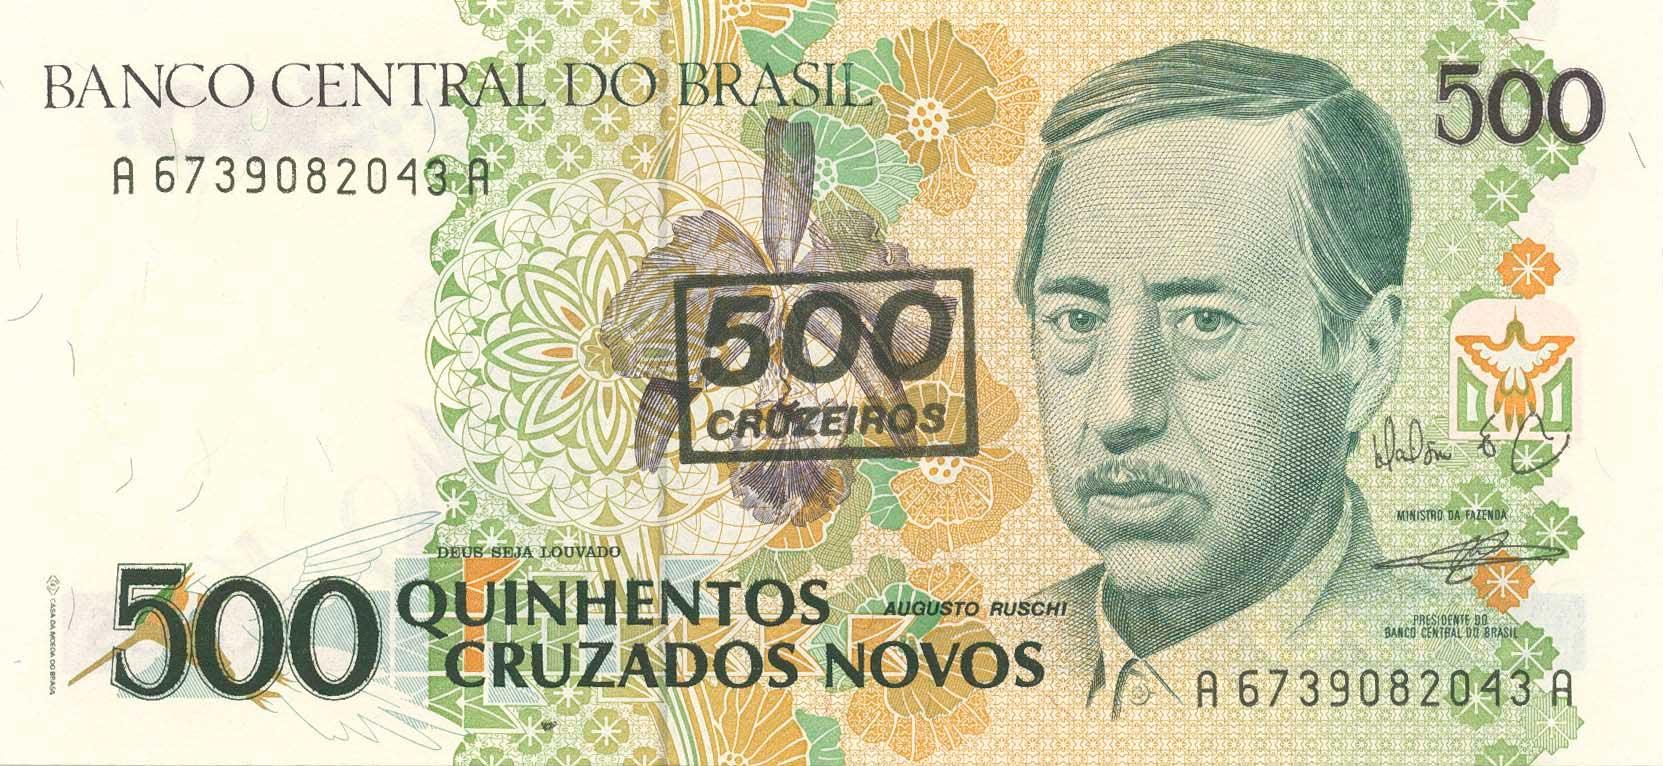 BRA-0226b-a